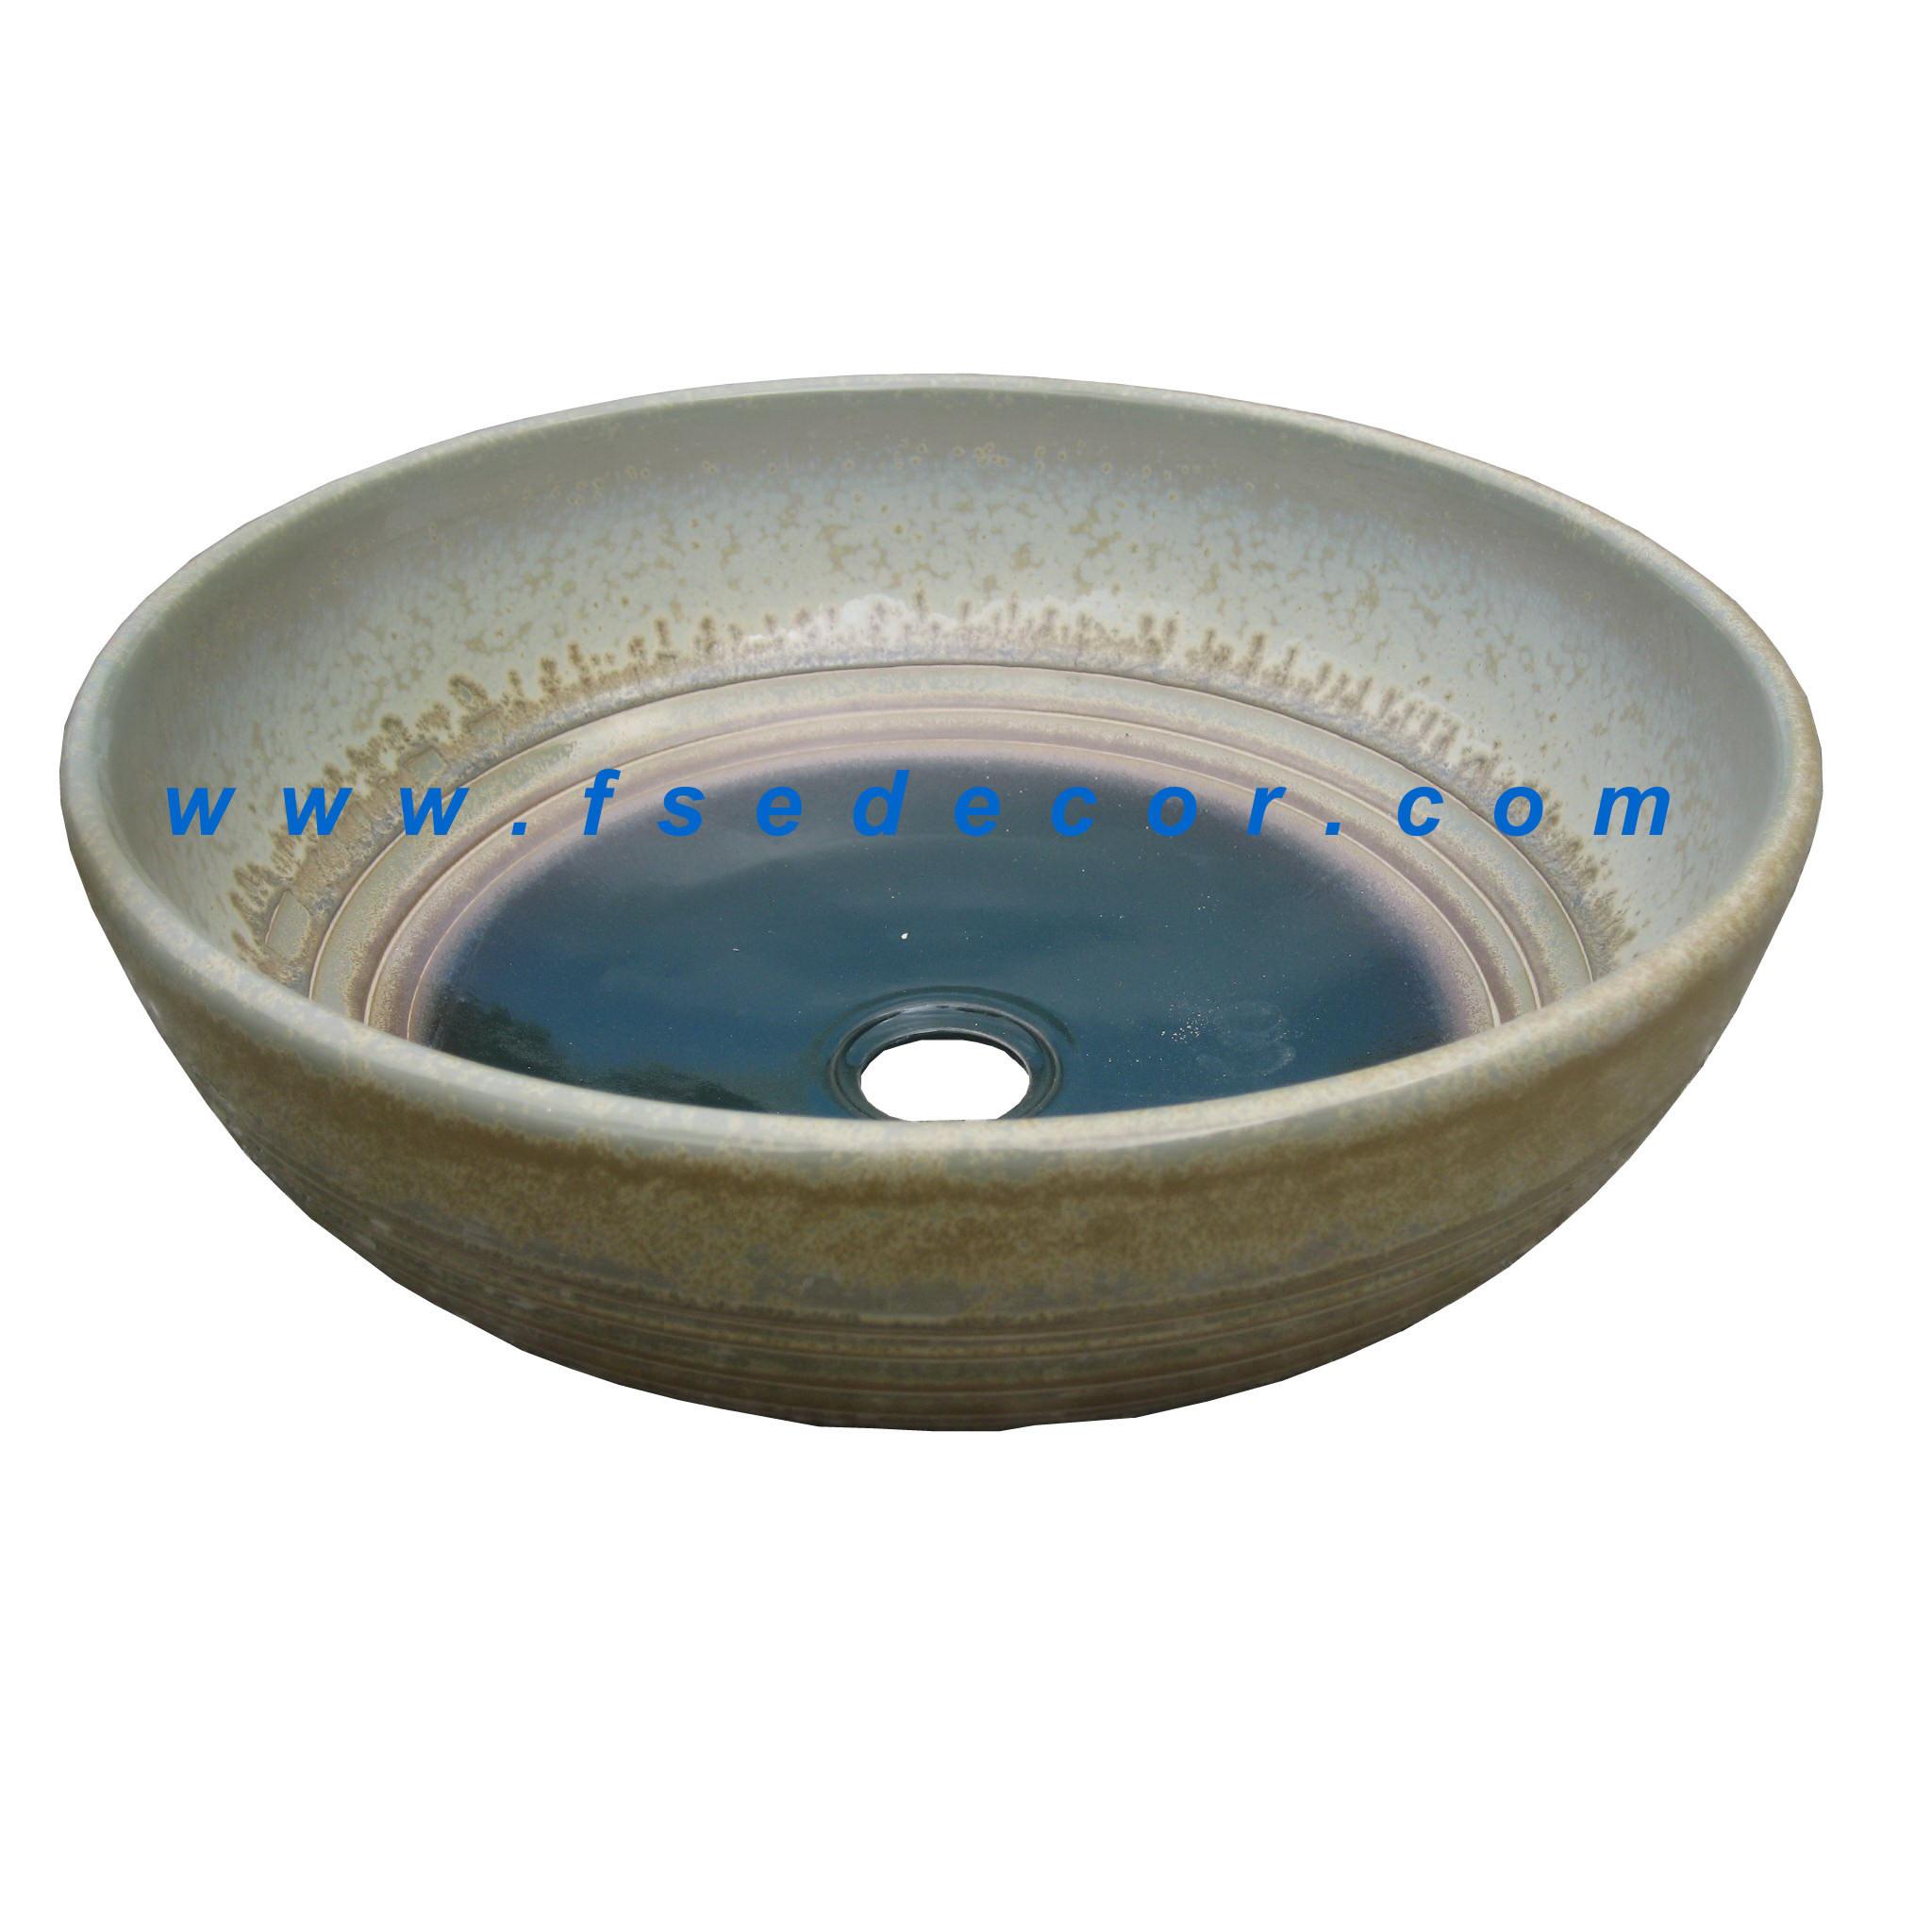 Fregadero de cer mica del cuarto de ba o moderno fse cps for Fregadero ceramica